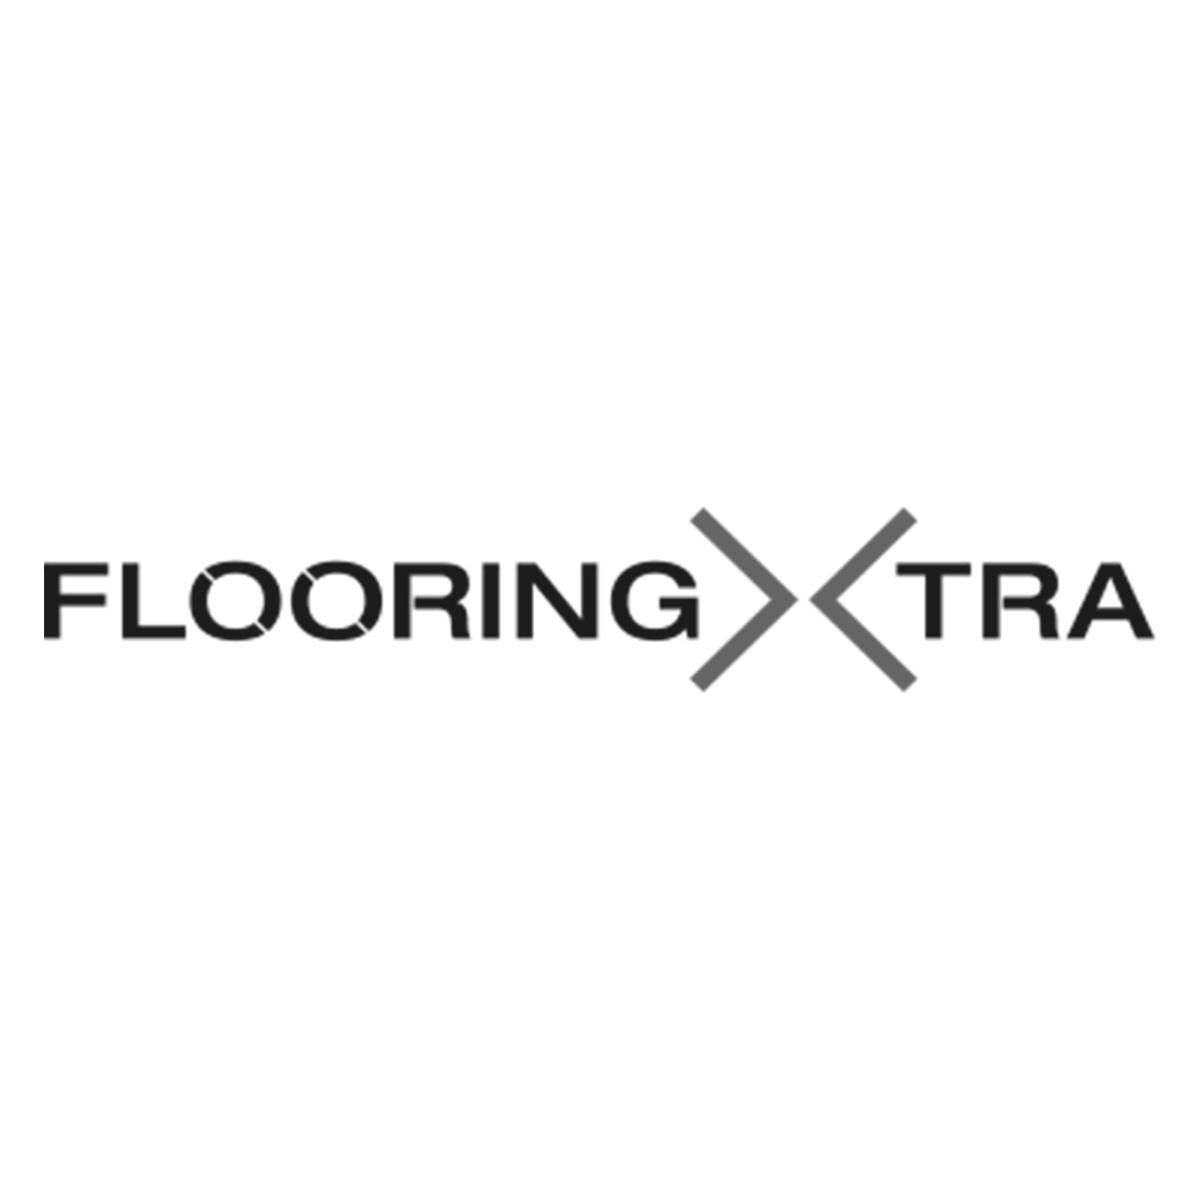 Flooring Extra.jpg